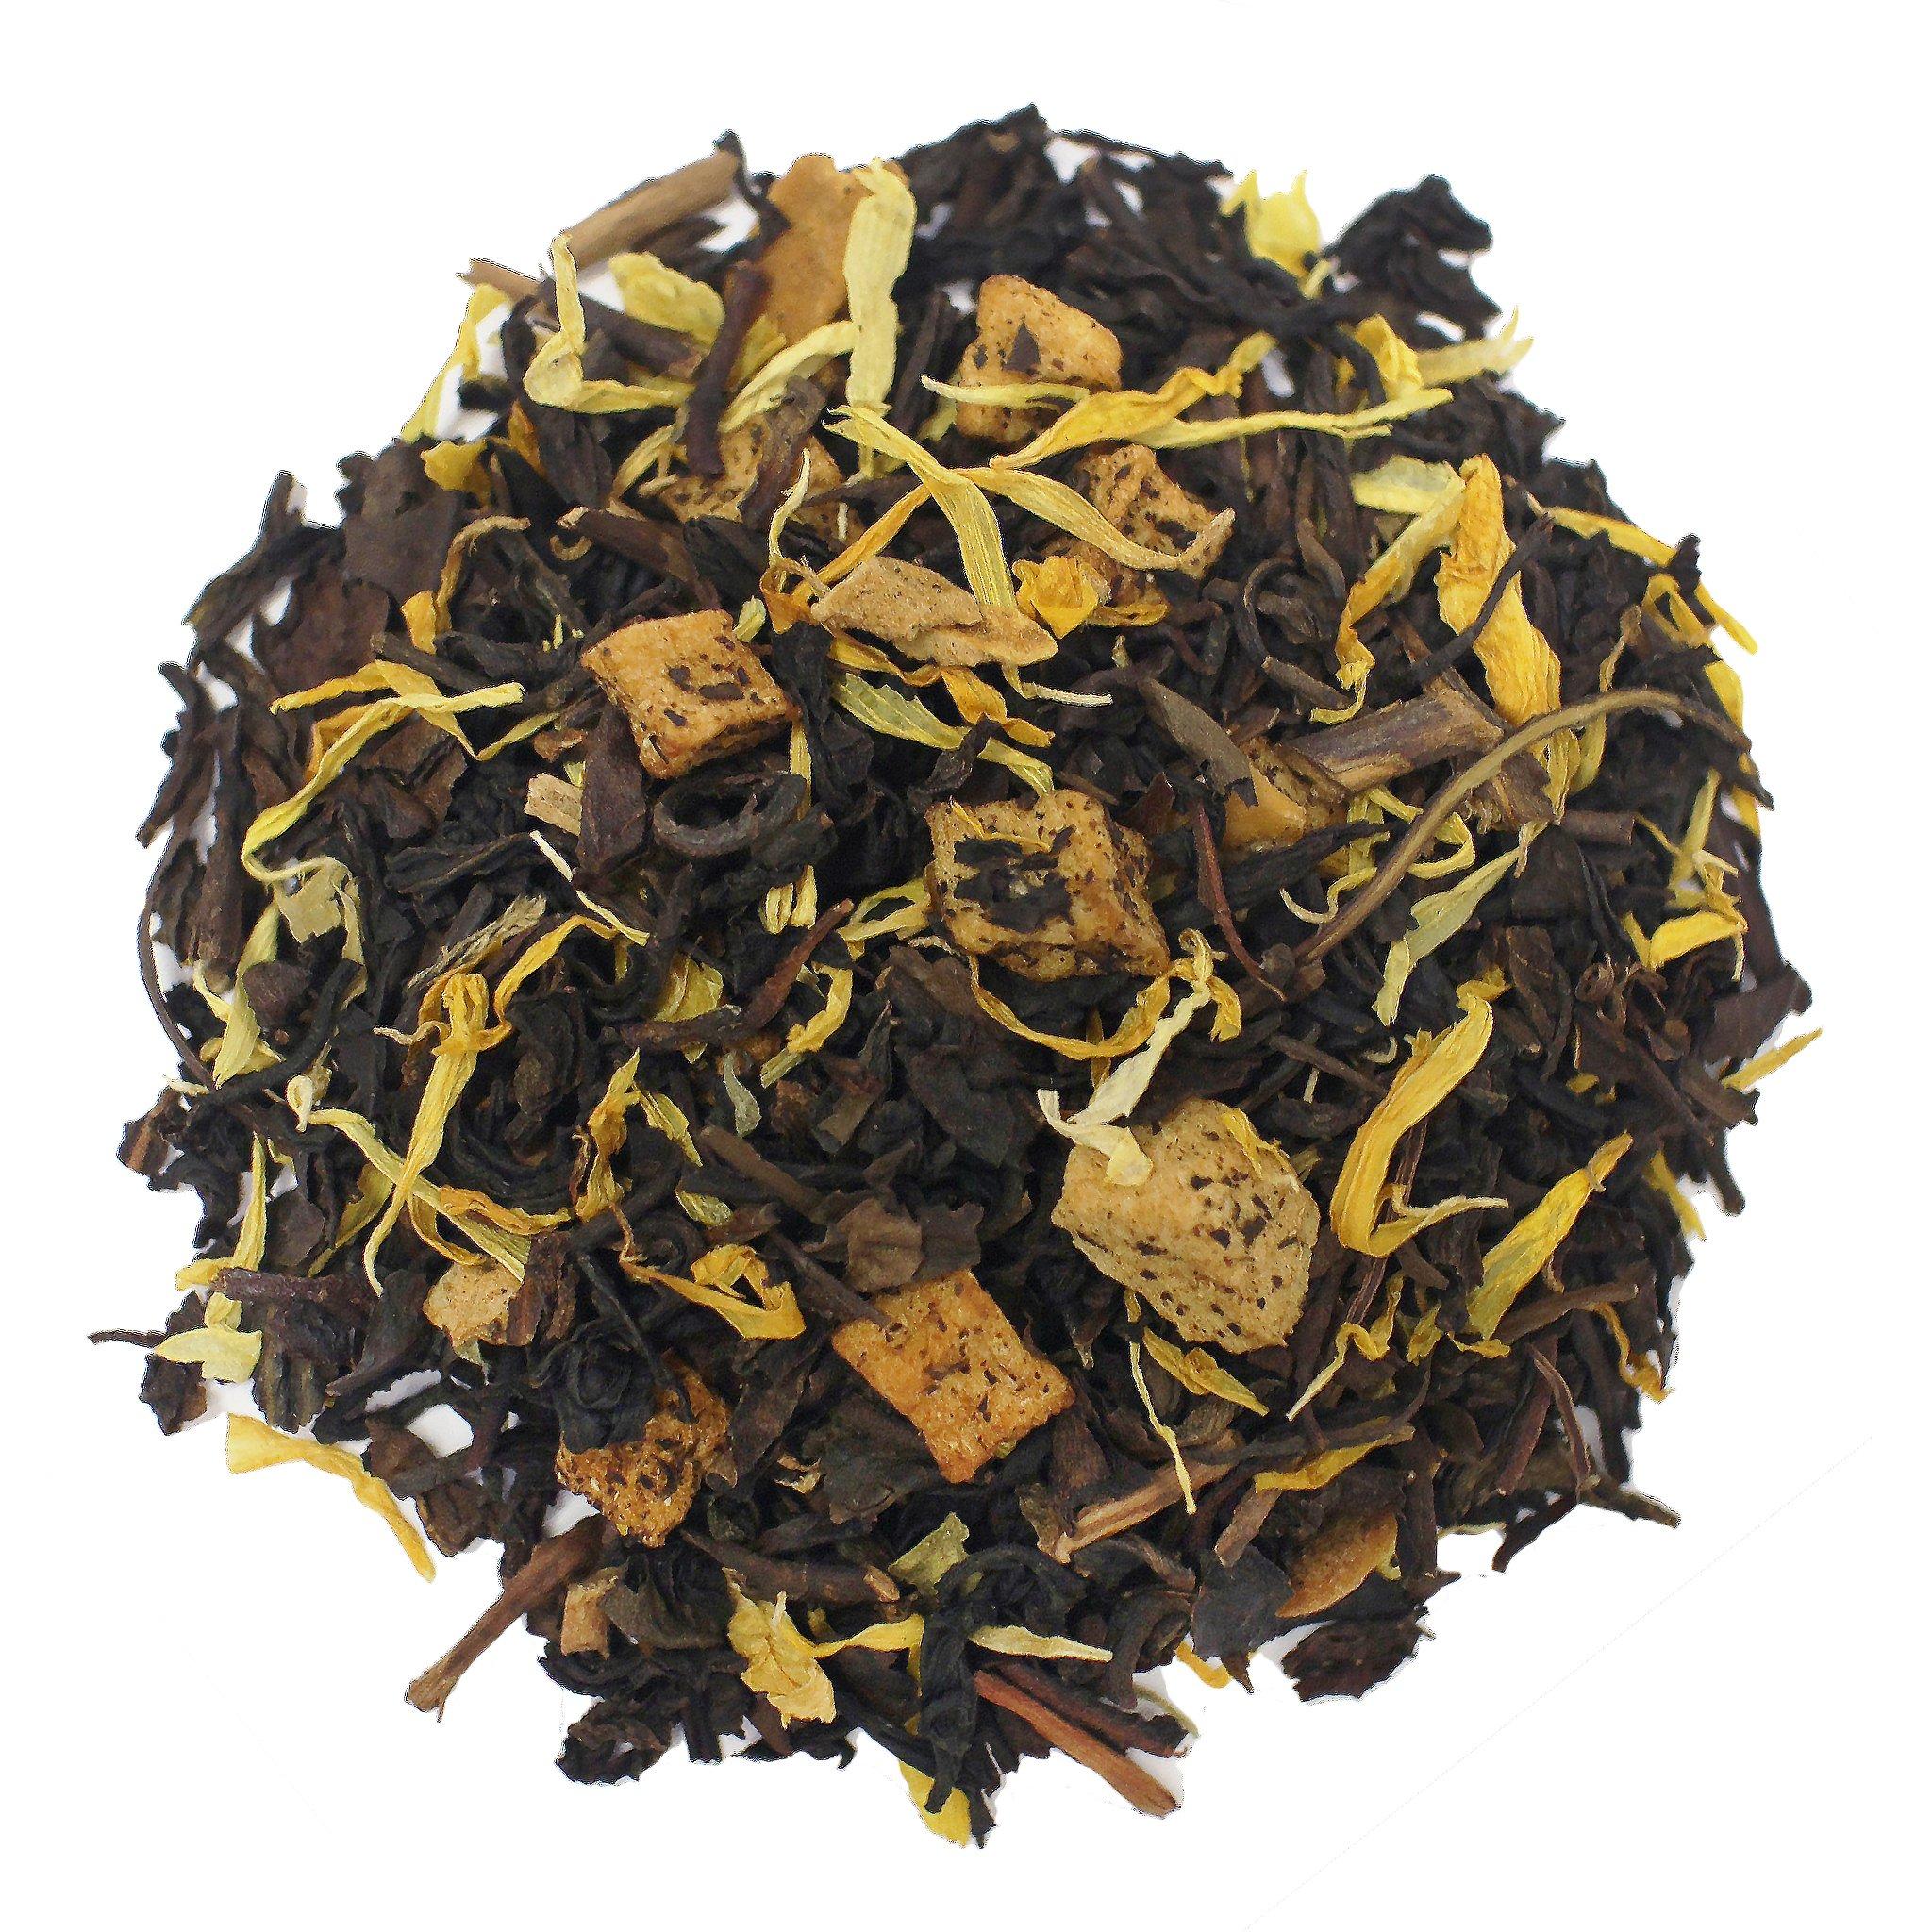 The Tea Farm - Peach Oolong Fruit Tea - Taiwan Loose Leaf Oolong Tea (16 Ounce Bag) by The Tea Farm